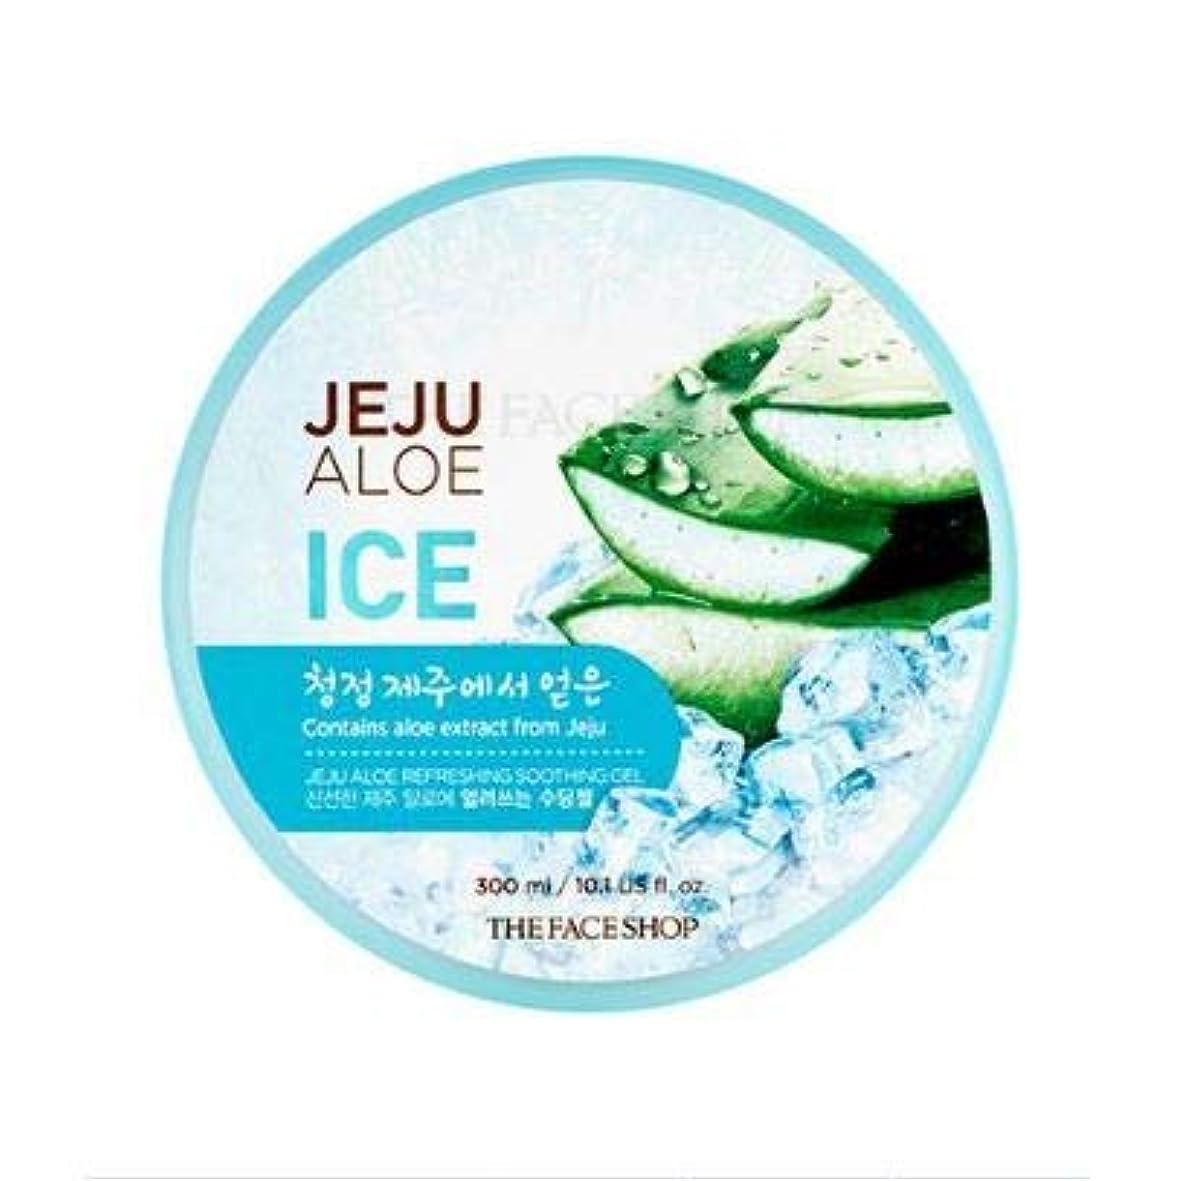 膨らみマイクロプロセッサ我慢するザフェイスショップ 済州 アロエ リフレッシング スージング ジェル 300ml / THE FACE SHOP Jeju Aloe Refreshing Soothing Gel 300ml [並行輸入品]